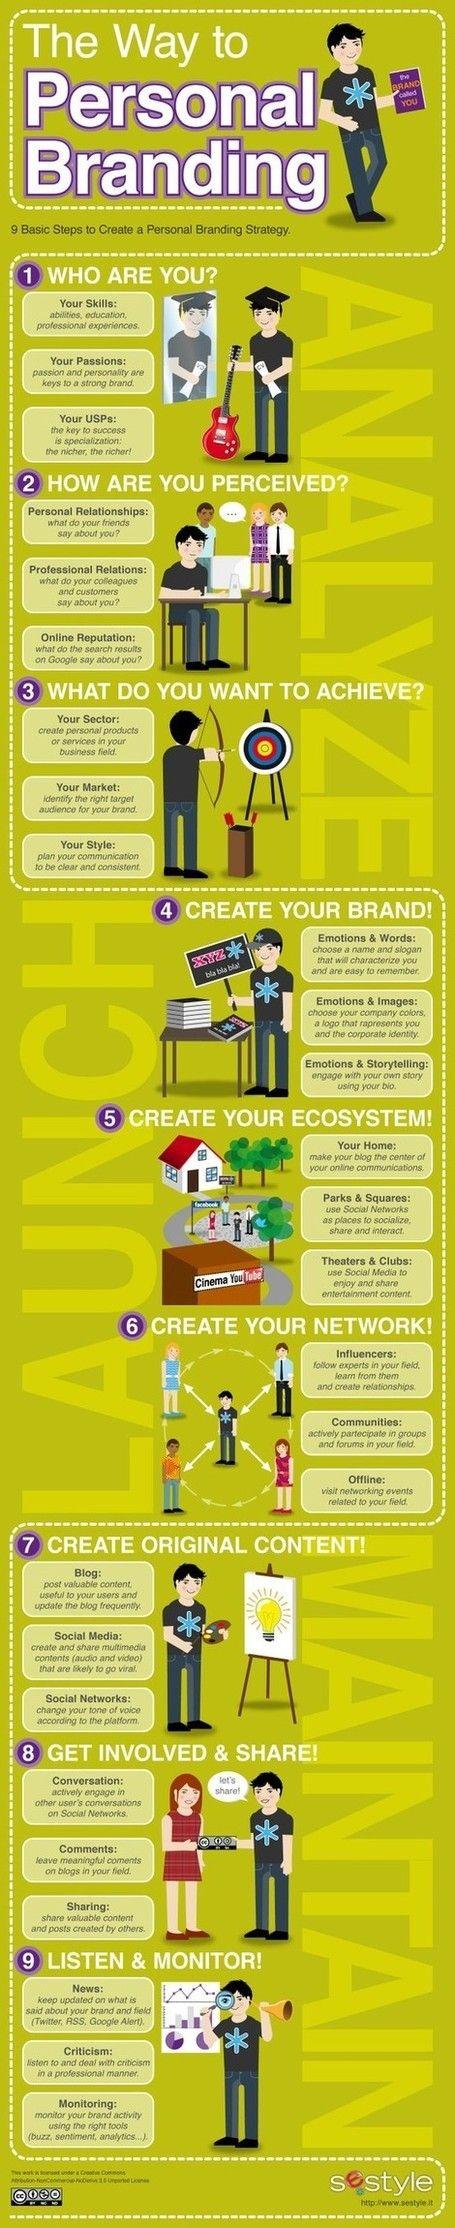 Selbstvermarkzung, Tipps und Tricks, Marketing, Infografik